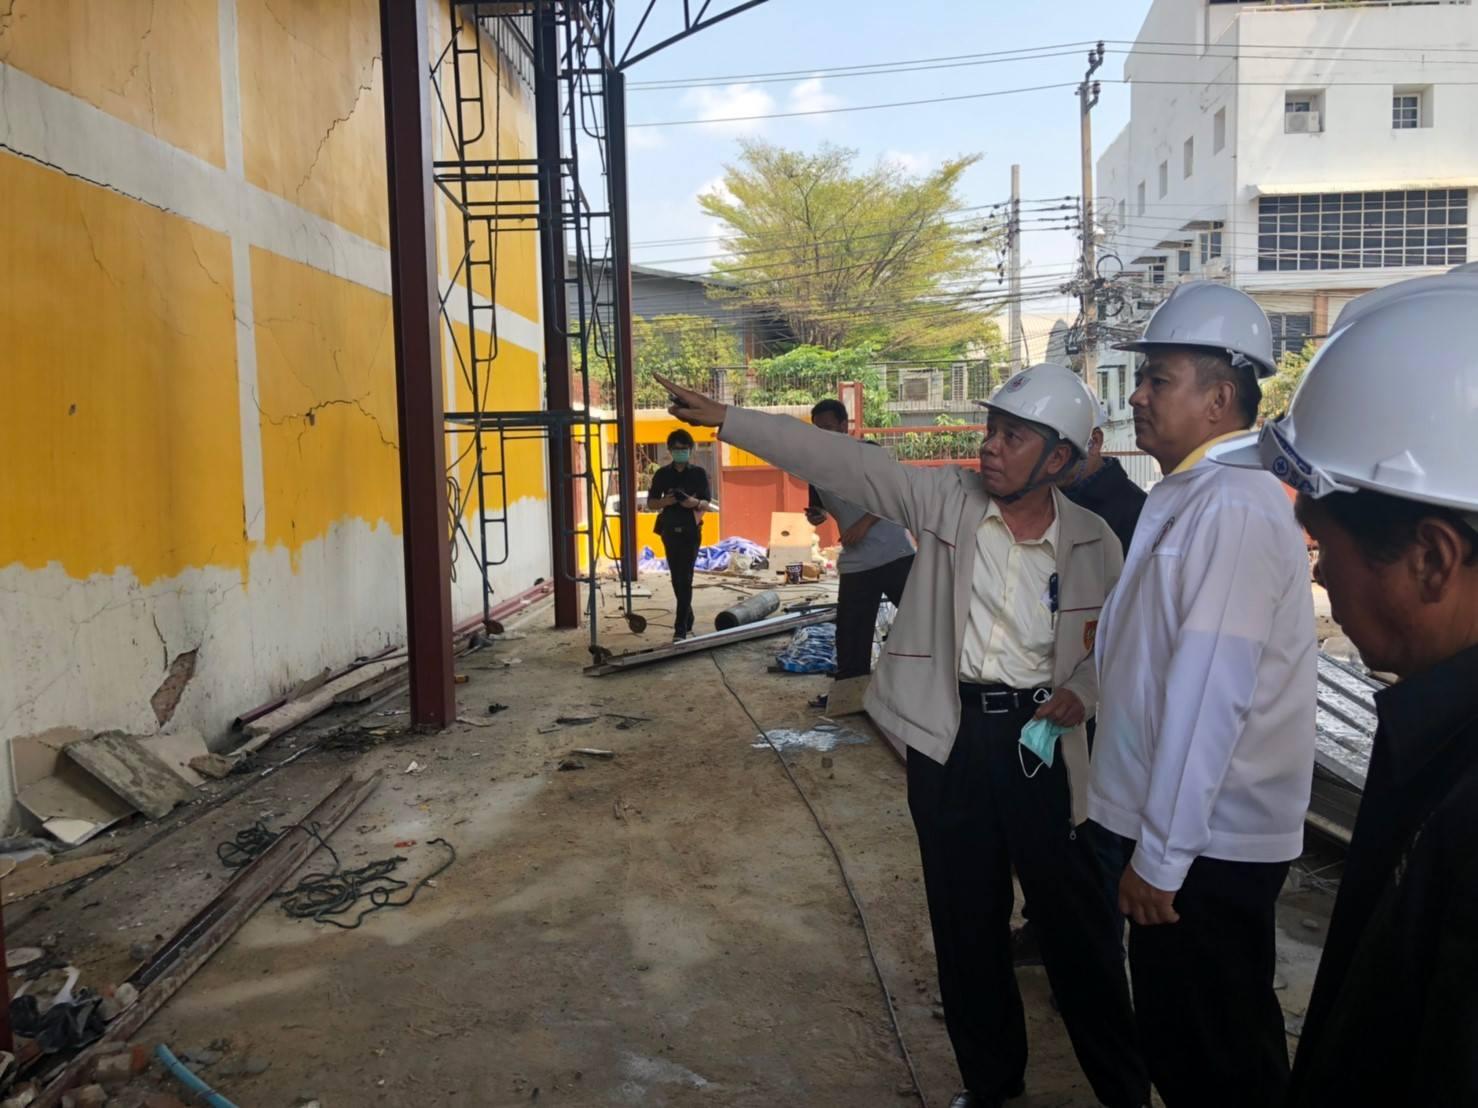 วิศวกรรมสถานแห่งประเทศไทยฯ ลงพื้นที่ตรวจเหตุไฟไหม้โรงงานไม้กวาด โชคชัย 4 ซอย 54 เพื่อตรวจสอบควมมั่นคงแข็งแรงของอาคาร